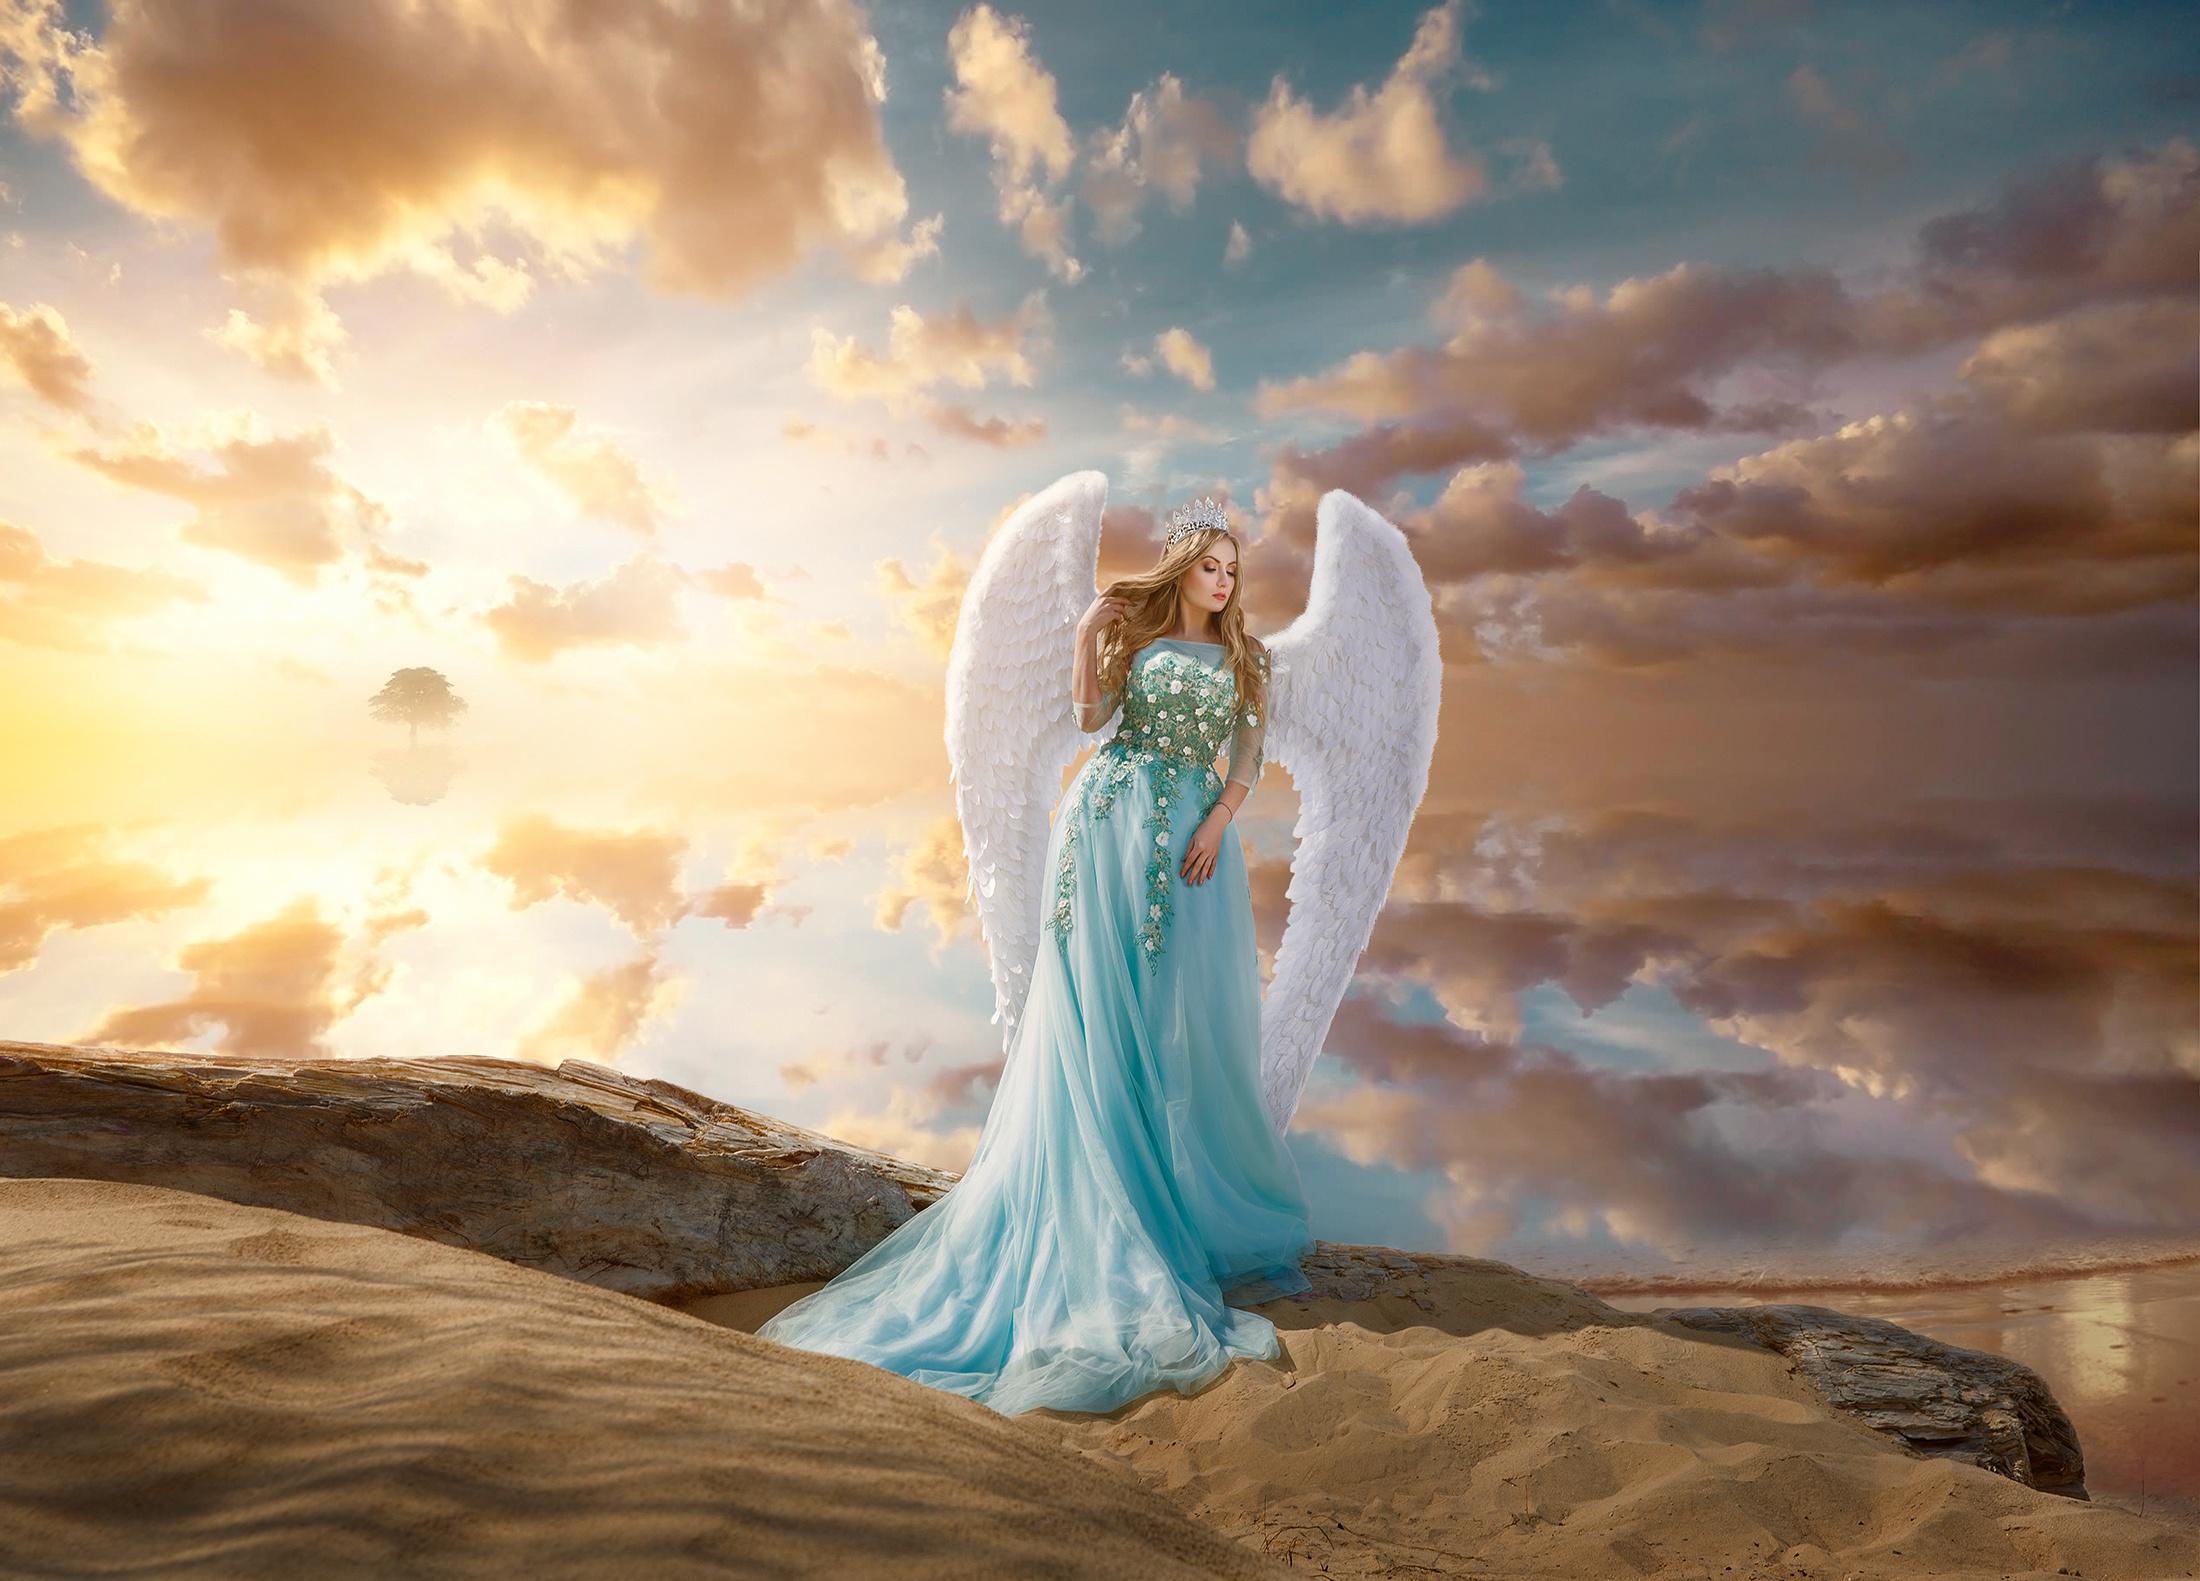 дизайне картинки ангельский хорошем качестве схем